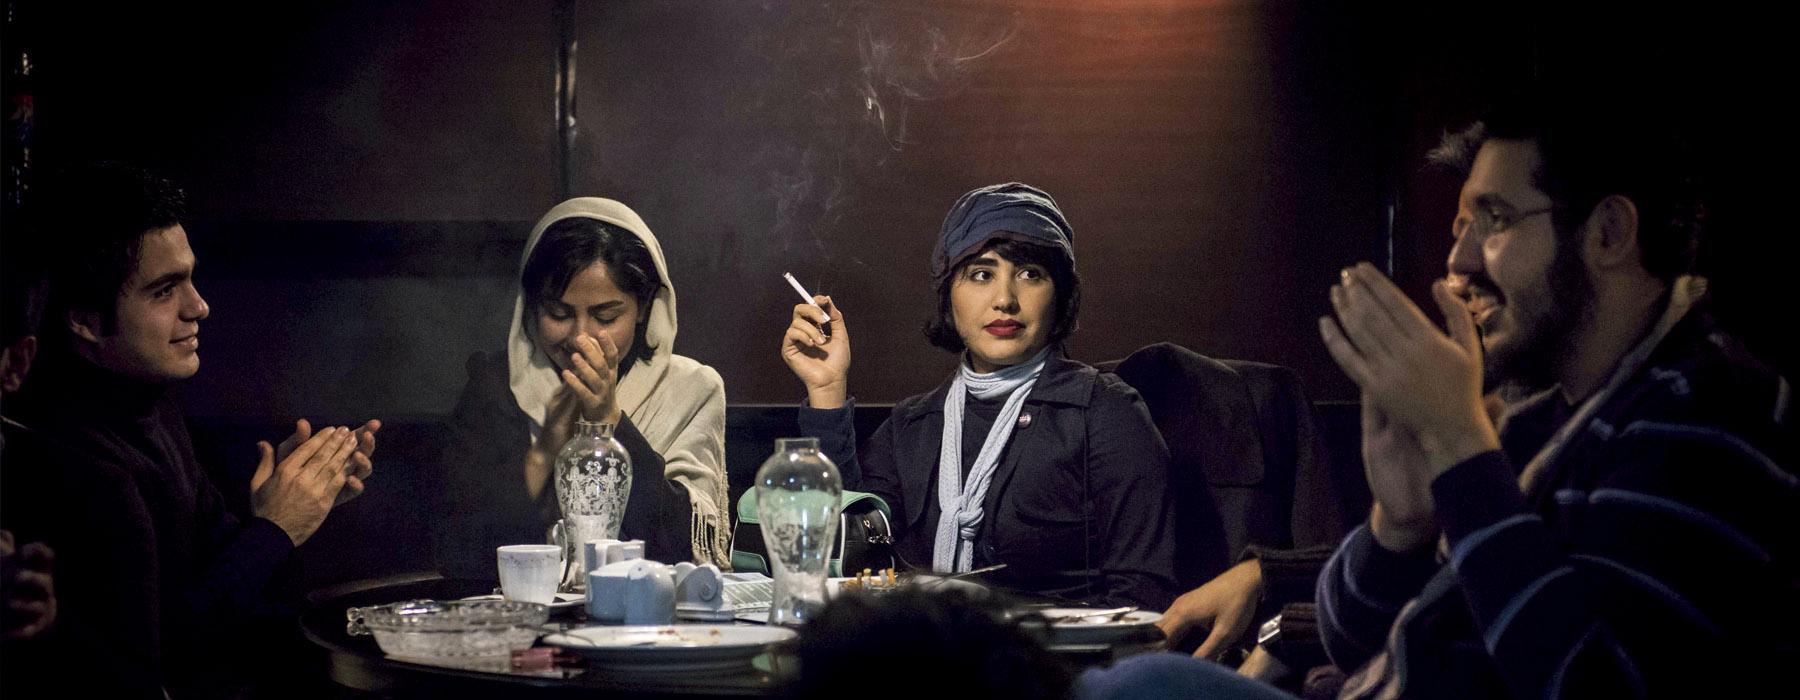 site de rencontre personnel iranien Je sors avec une femme vierge